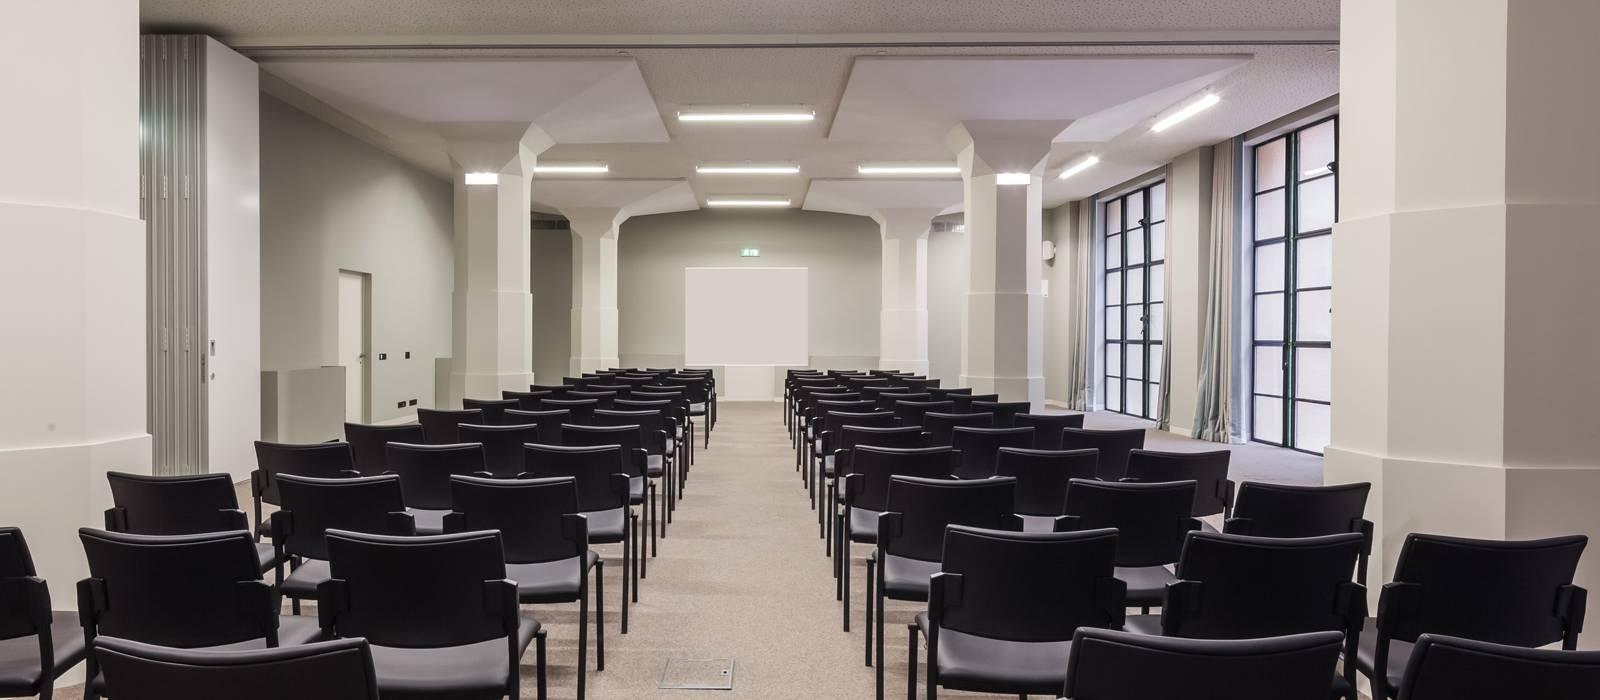 Services Hotel Porto - Vincci Hoteles - Conference Rooms